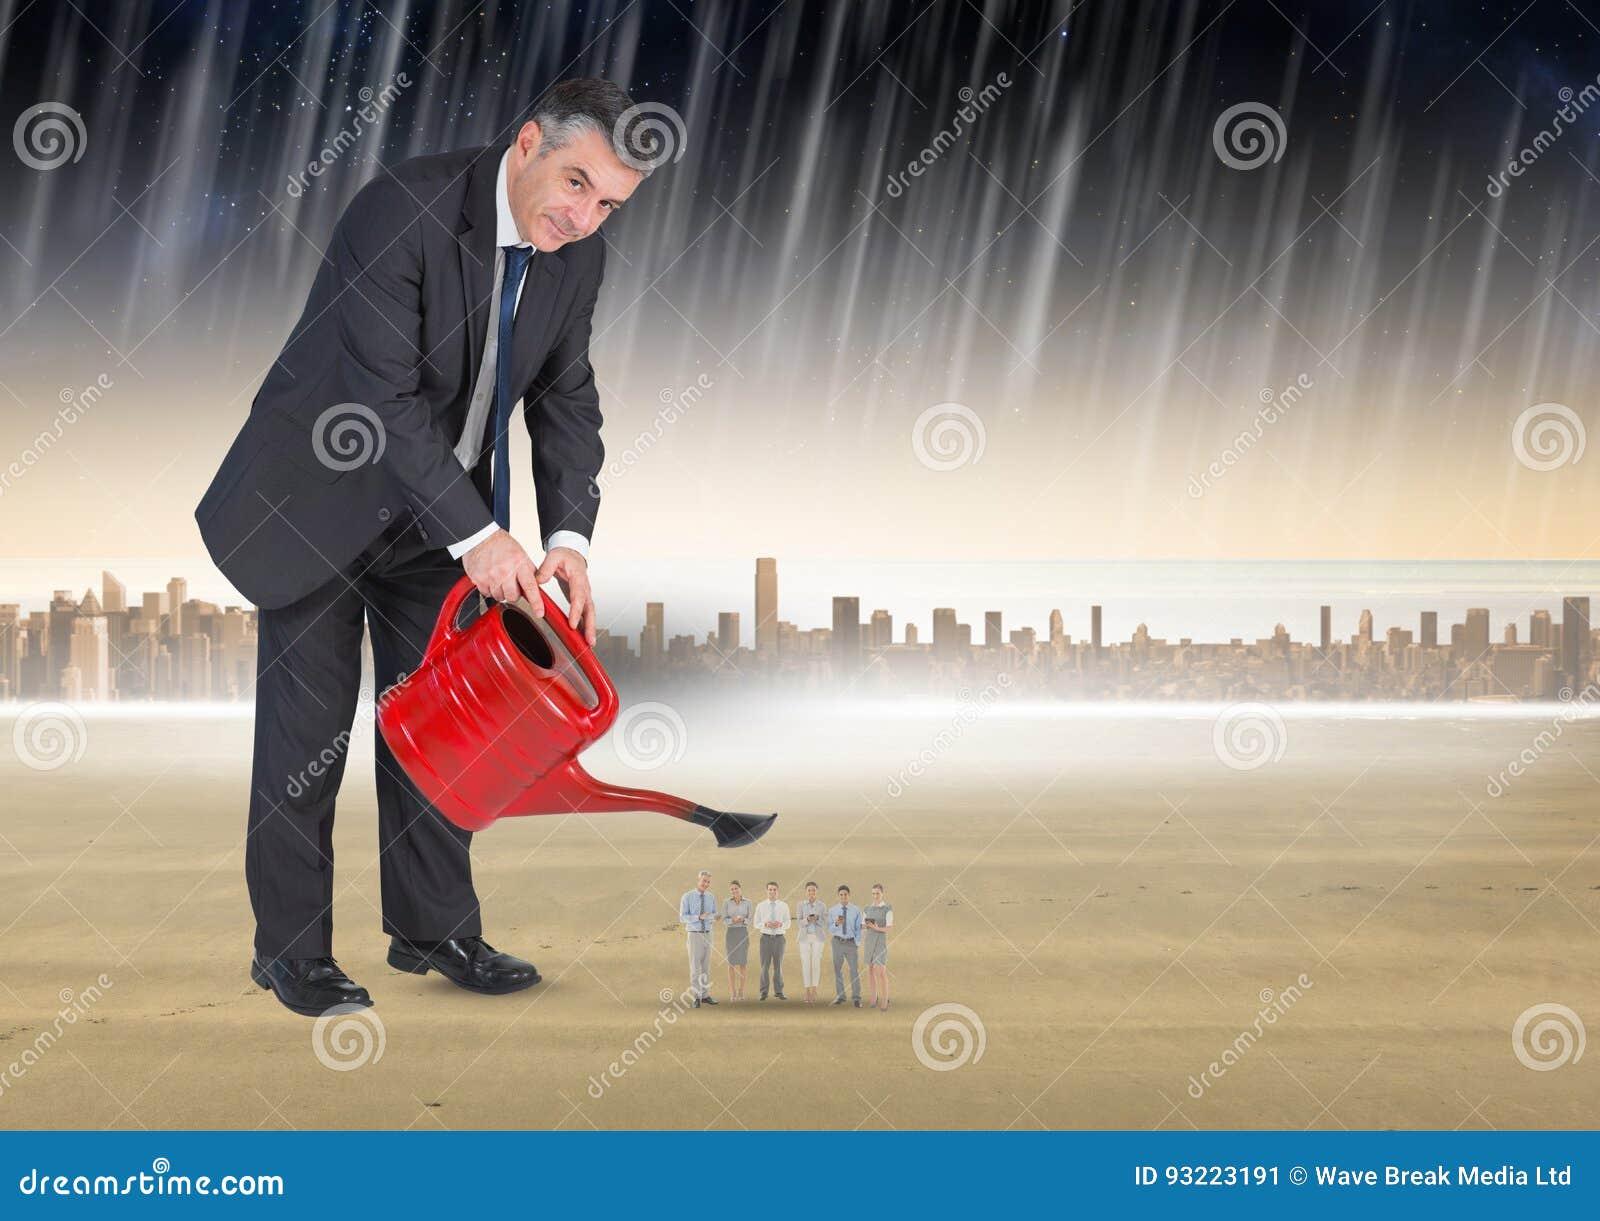 Imagem composta de Digitas de executivos molhando do homem de negócios na chuva contra a cidade